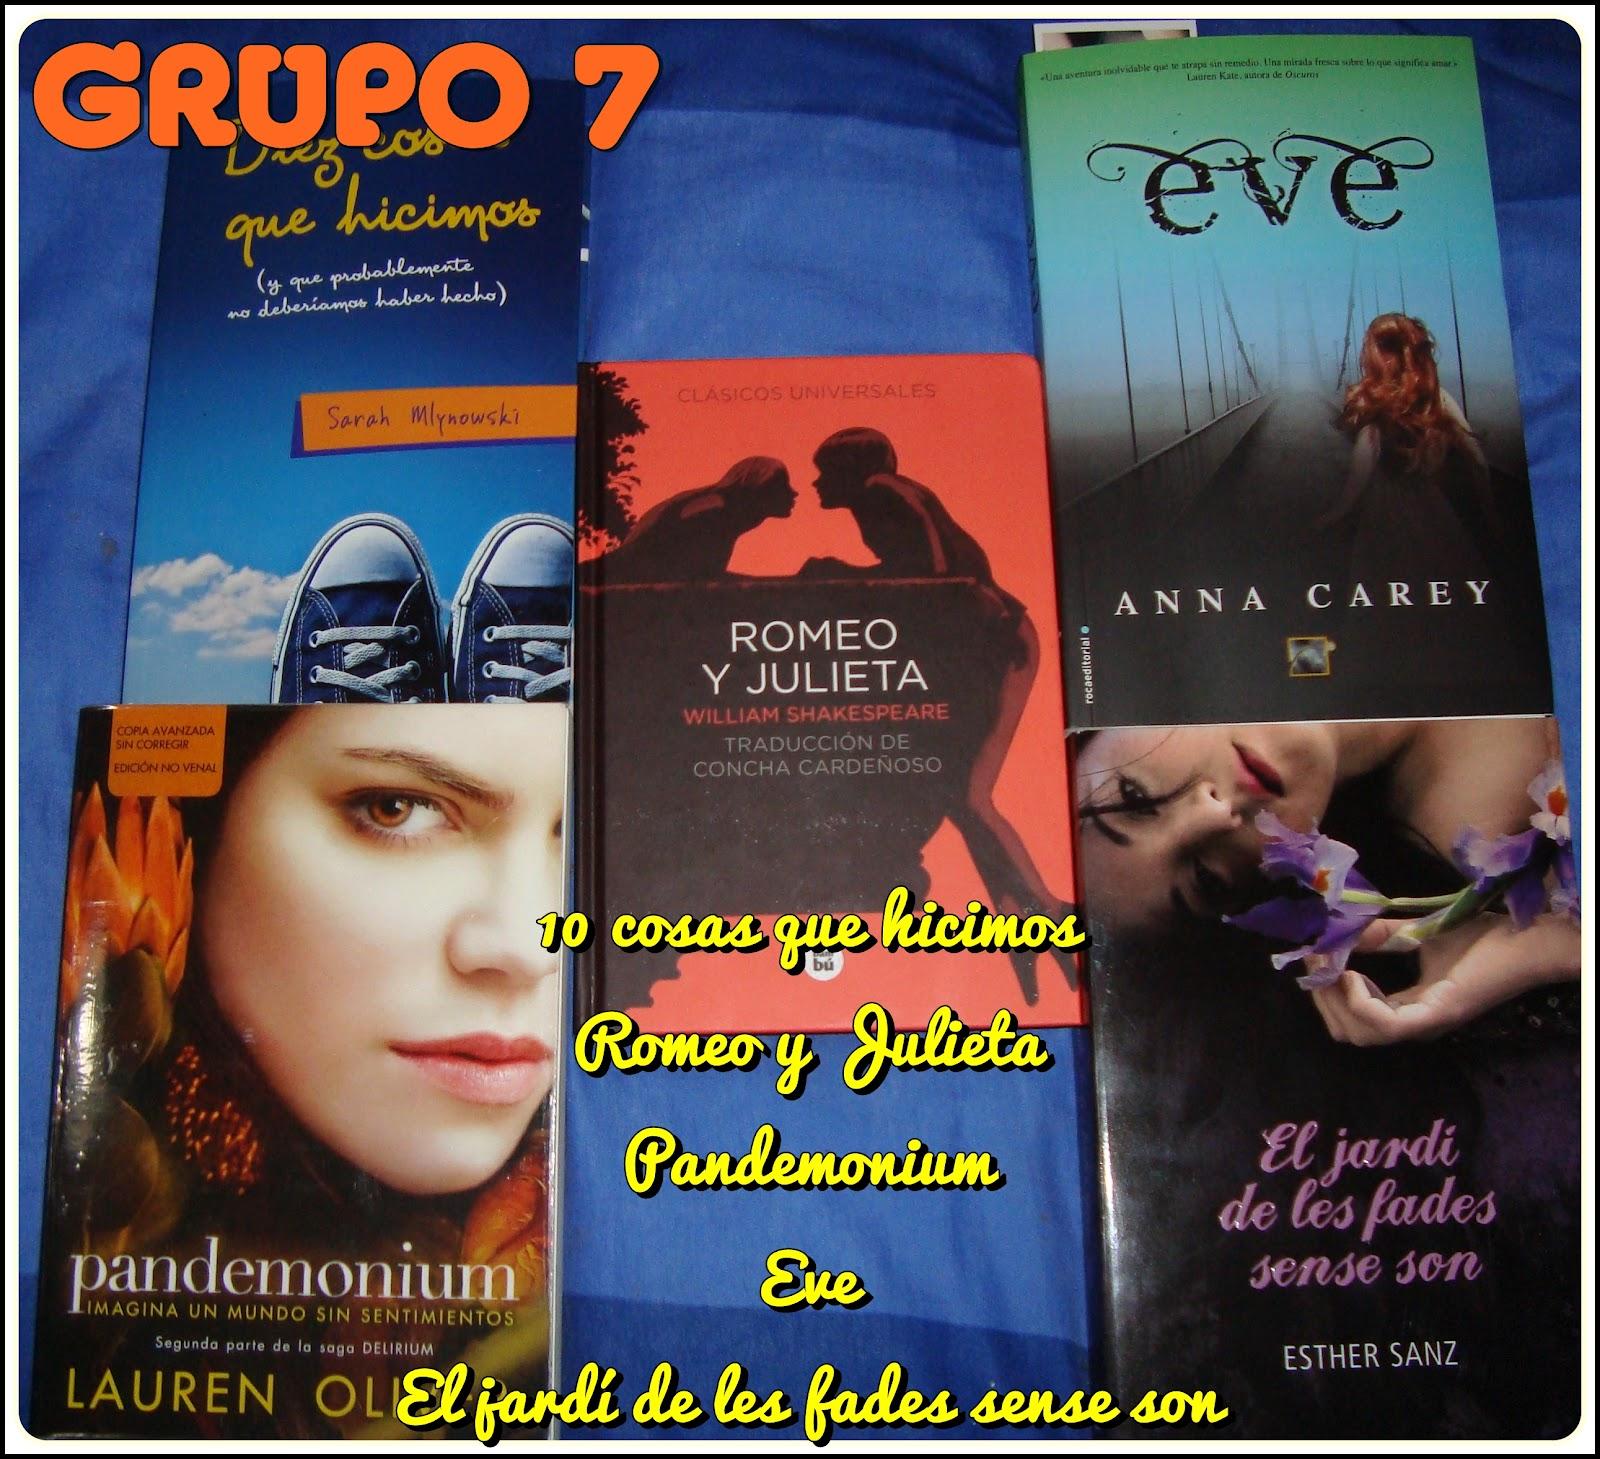 http://4.bp.blogspot.com/-jFITUZz80I4/T6gE9ZiDikI/AAAAAAAAAgA/N2_pBZoF9-Q/s1600/grupo+7.JPG